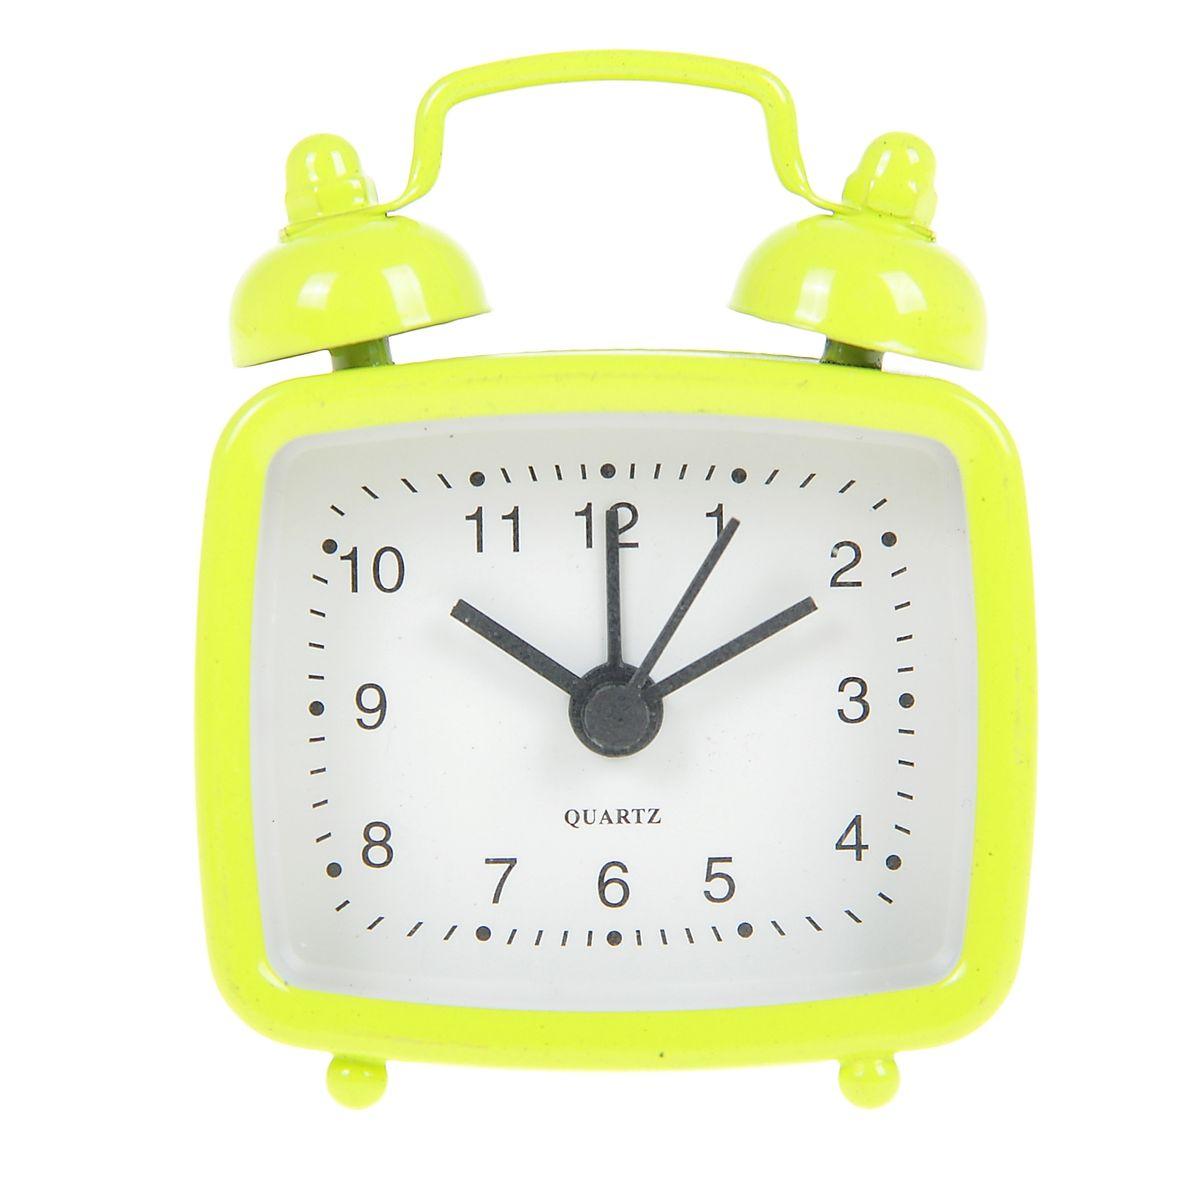 Часы-будильник Sima-land, цвет: желтый. 840945840945Как же сложно иногда вставать вовремя! Всегда так хочется поспать еще хотя бы 5 минут ибывает,что мы просыпаем. Теперь этого не случится! Яркий, оригинальный будильник Sima-landпоможет вам всегдавставать в нужное время и успевать везде и всюду. Будильник украсит вашу комнату иприведет в восхищение друзей. Эта уменьшенная версия привычного будильника умещаетсяналадони и работает так же громко, как и привычные аналоги. Время показывает точно и будит вустановленный час. На задней панели будильника расположены переключатель включения/выключения механизма,атакже два колесика для настройки текущего времени и времени звонка будильника. Будильник работает от 1 батарейки типа LR44 (входит в комплект).